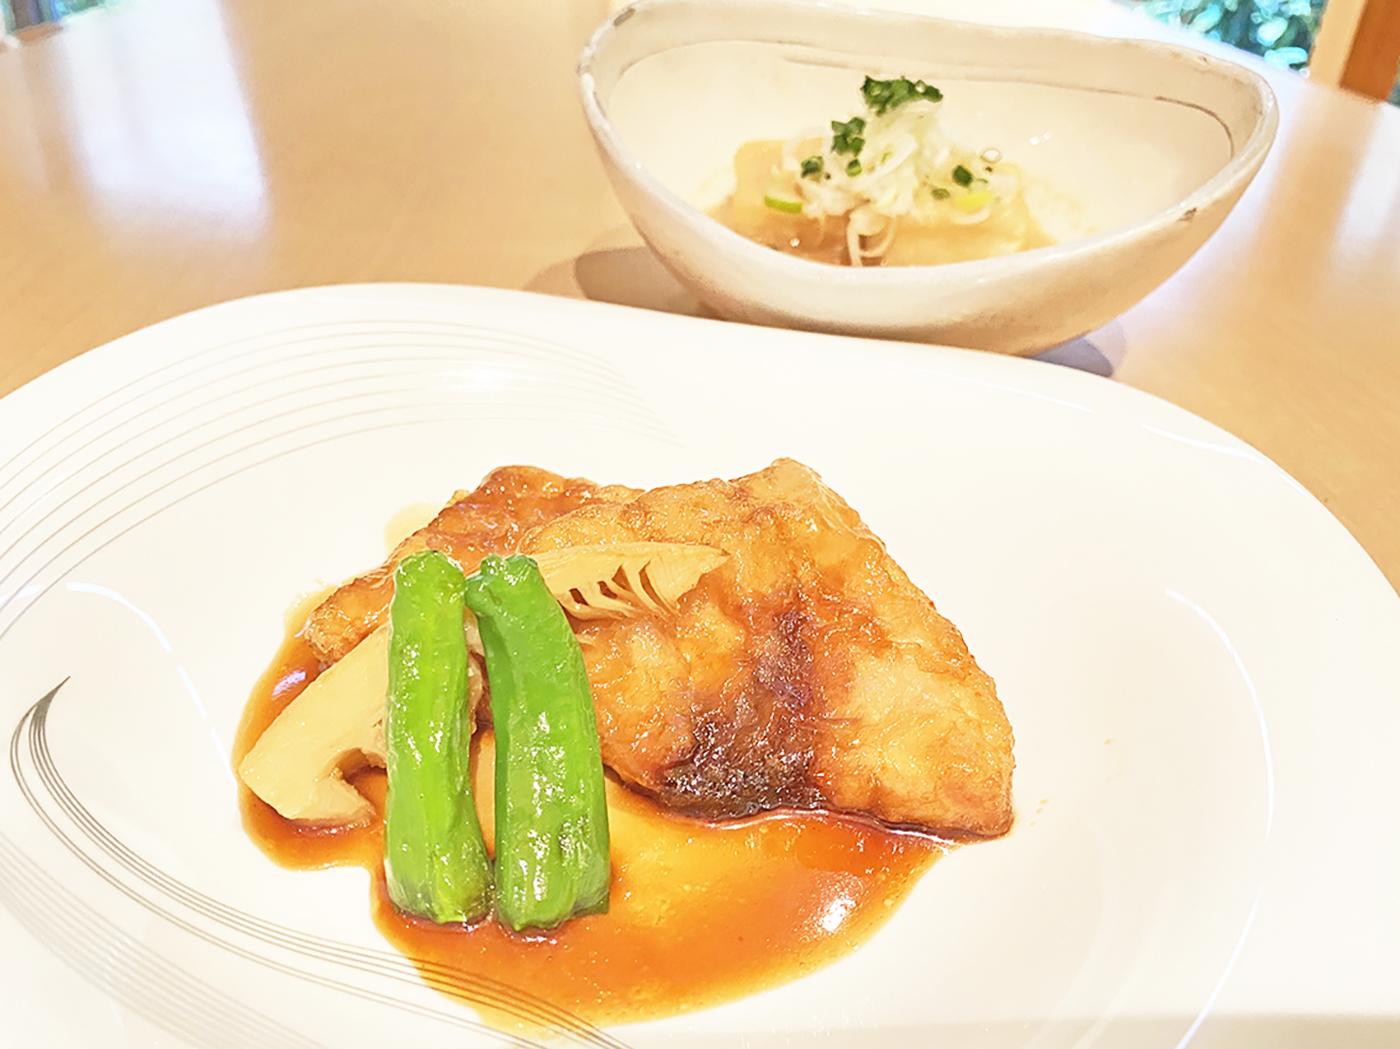 【NEW】カジキマグロの照り焼き<br />ご飯・小鉢・味噌汁・漬け物・ドリンク付